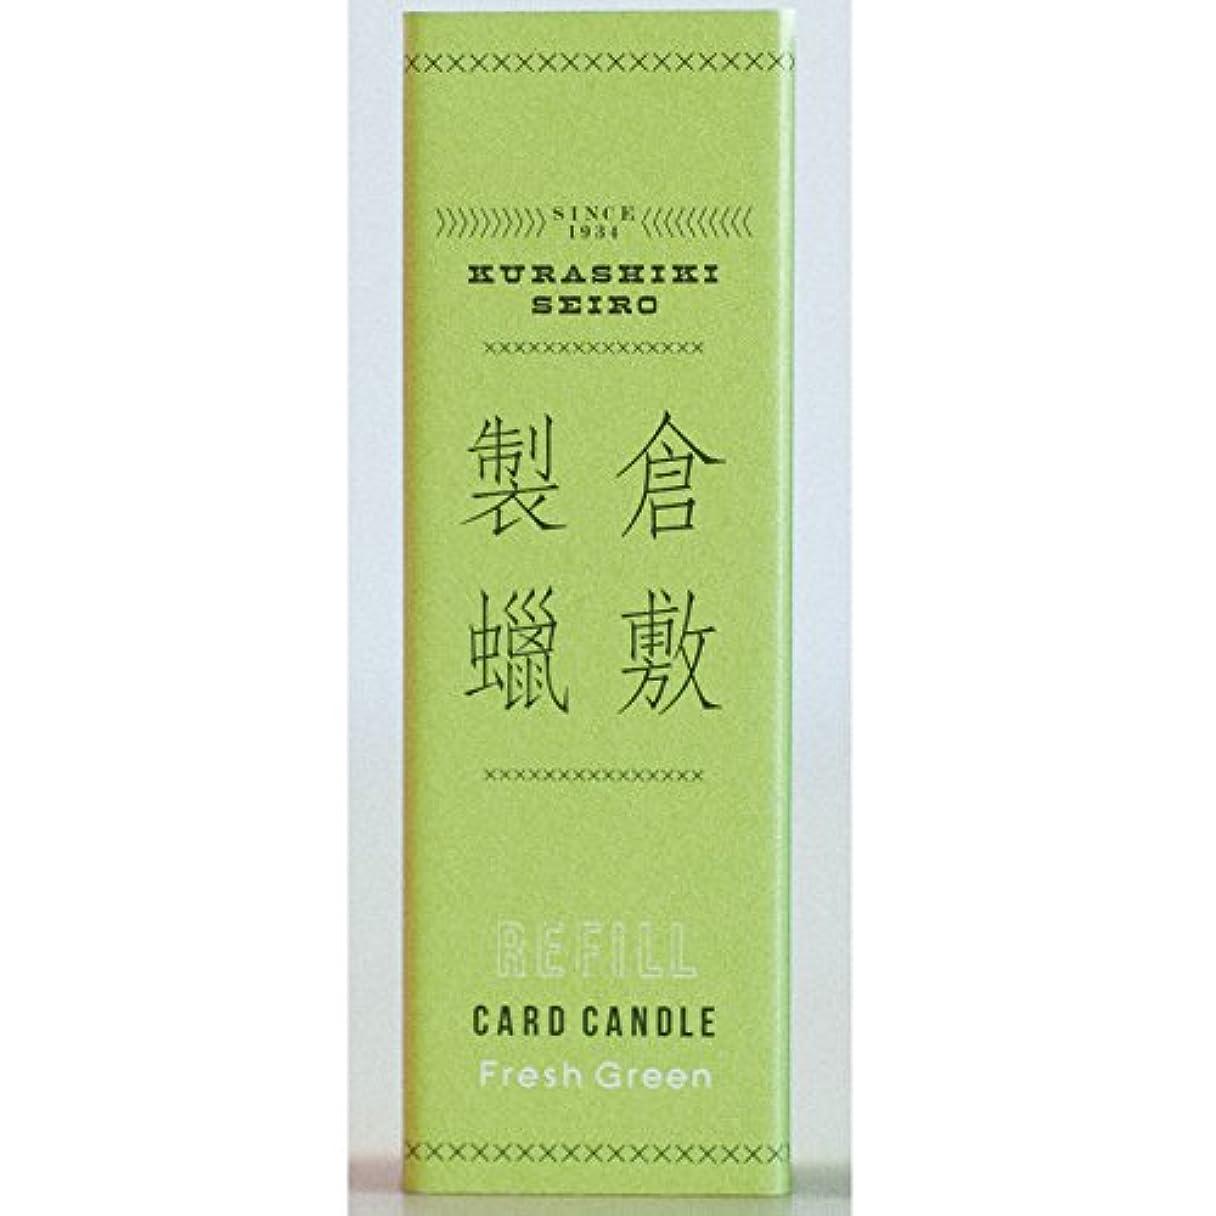 みがきます共和国怒る倉敷製蝋 CARD CANDLE REFILL (Fresh Green)